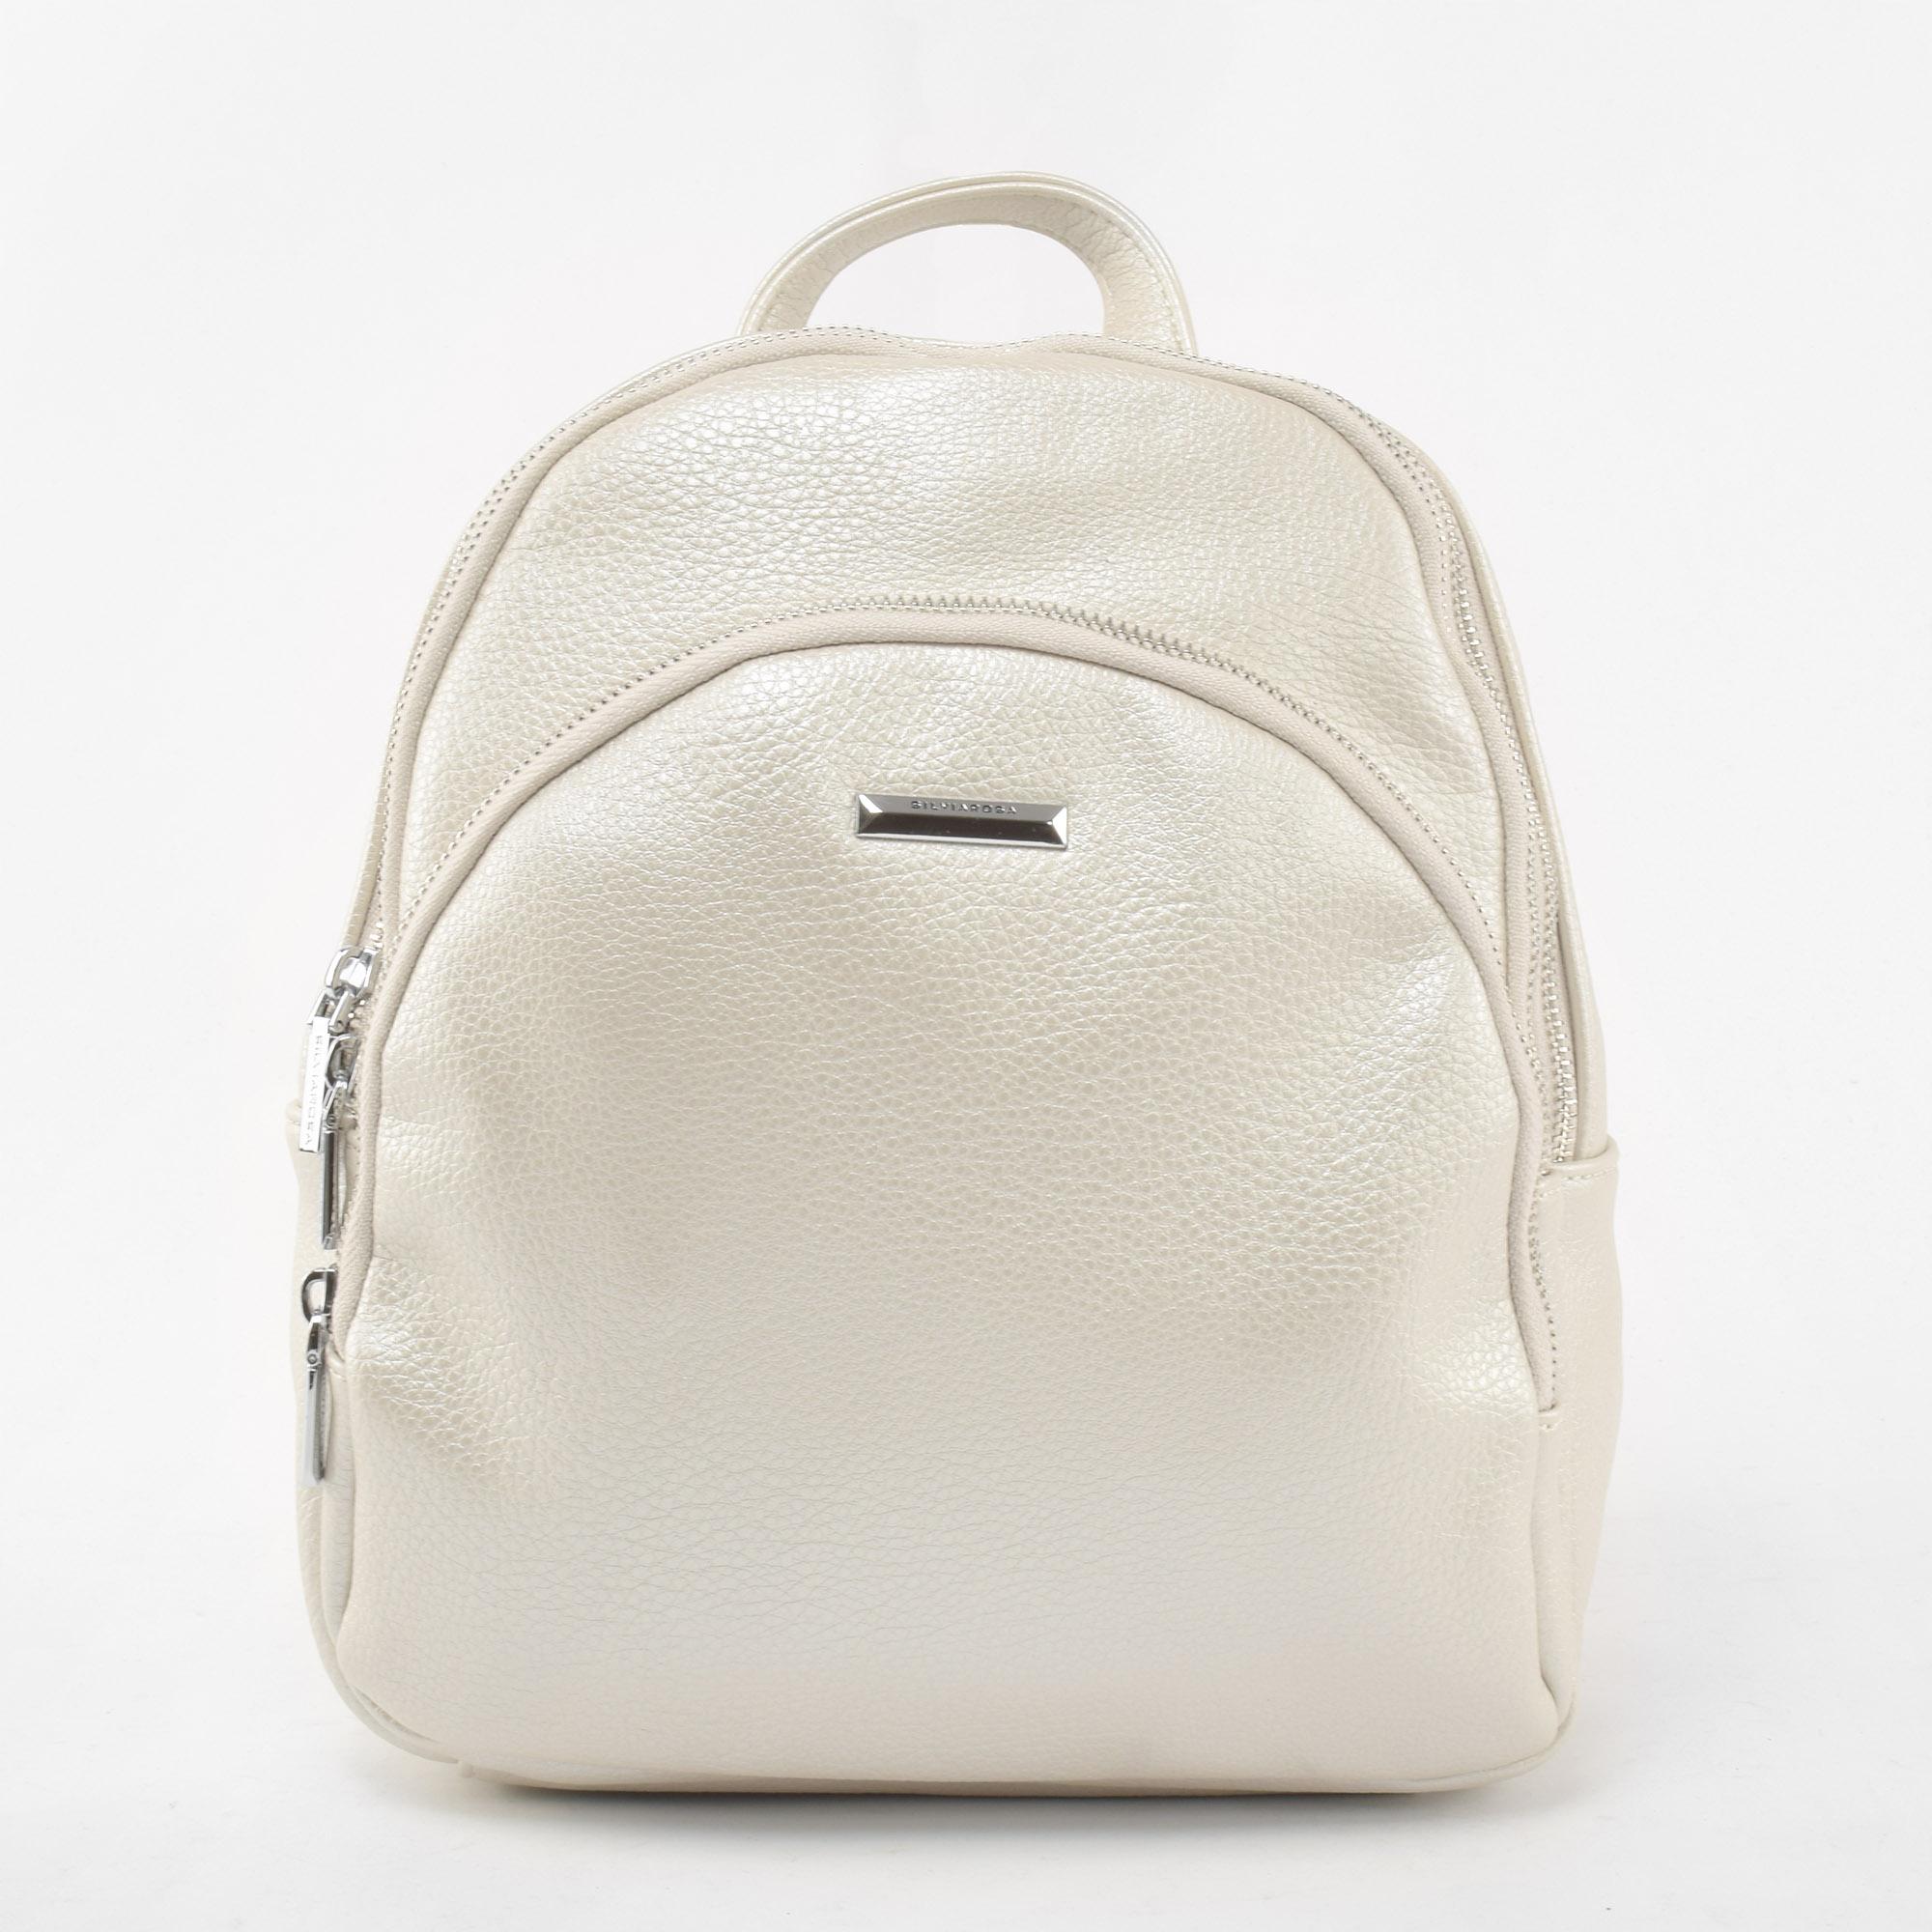 afd121a964f8 Silvia Rosa Női Bézs Műbőr Hátizsák - Műbőr - Táska webáruház - Minőségi  táskák mindenkinek